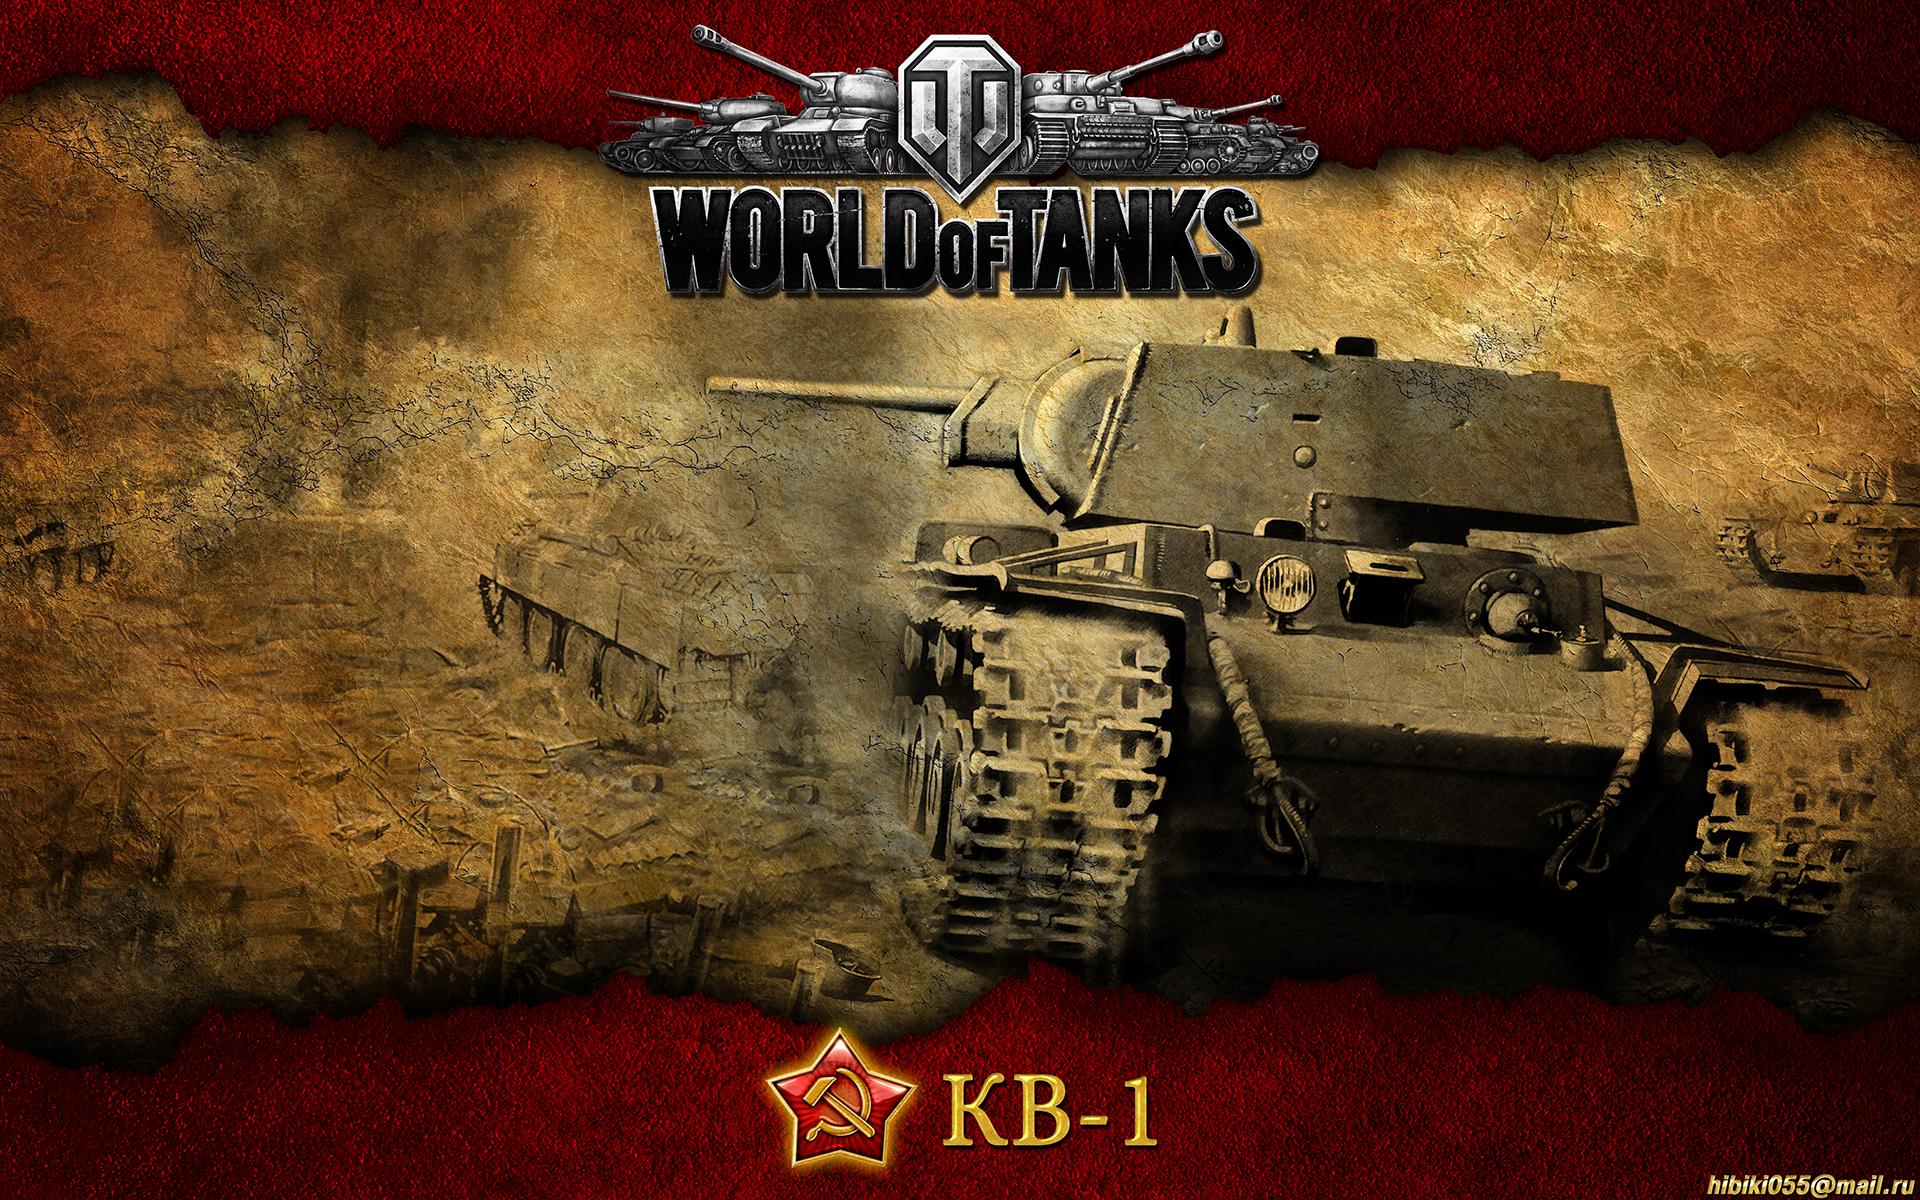 Imagini de fundal : armă, rezervor, Lumea tancurilor, URSS, KV 1